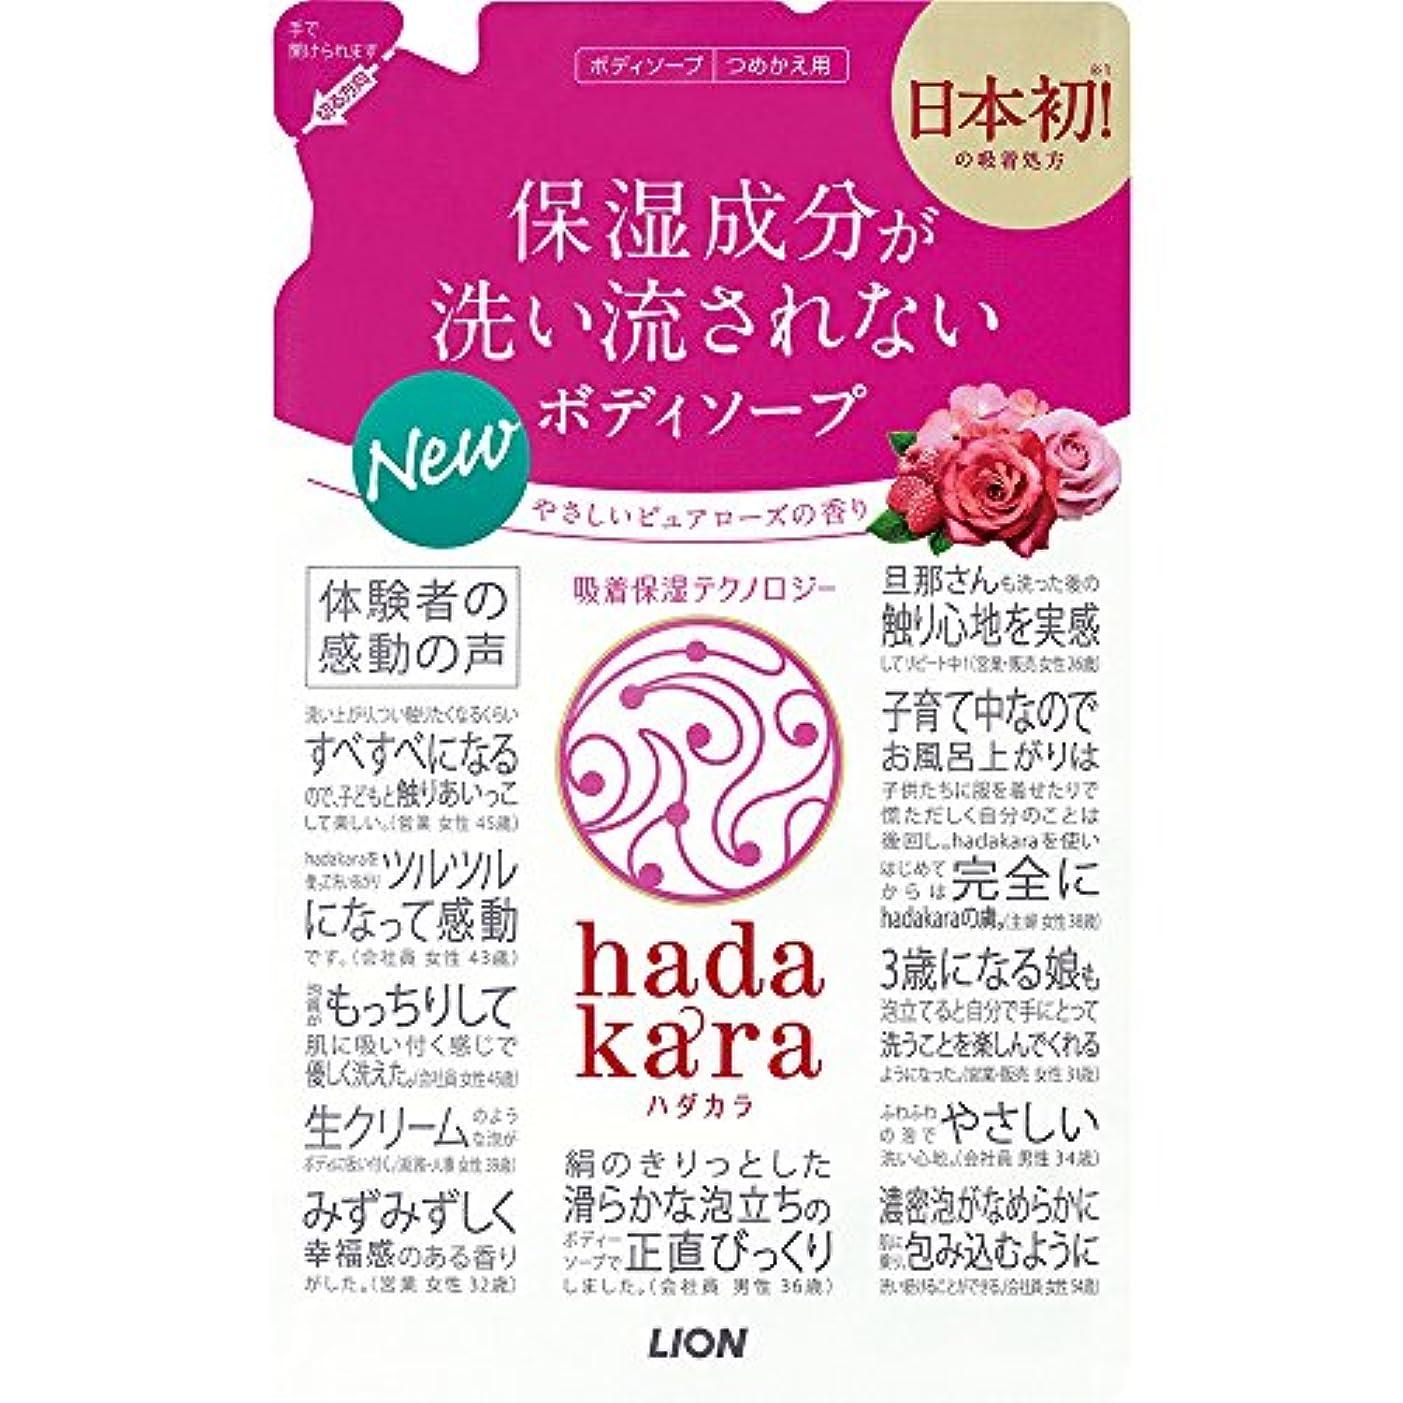 会議紳士気取りの、きざな掻くhadakara(ハダカラ) ボディソープ ピュアローズの香り 詰め替え 360ml